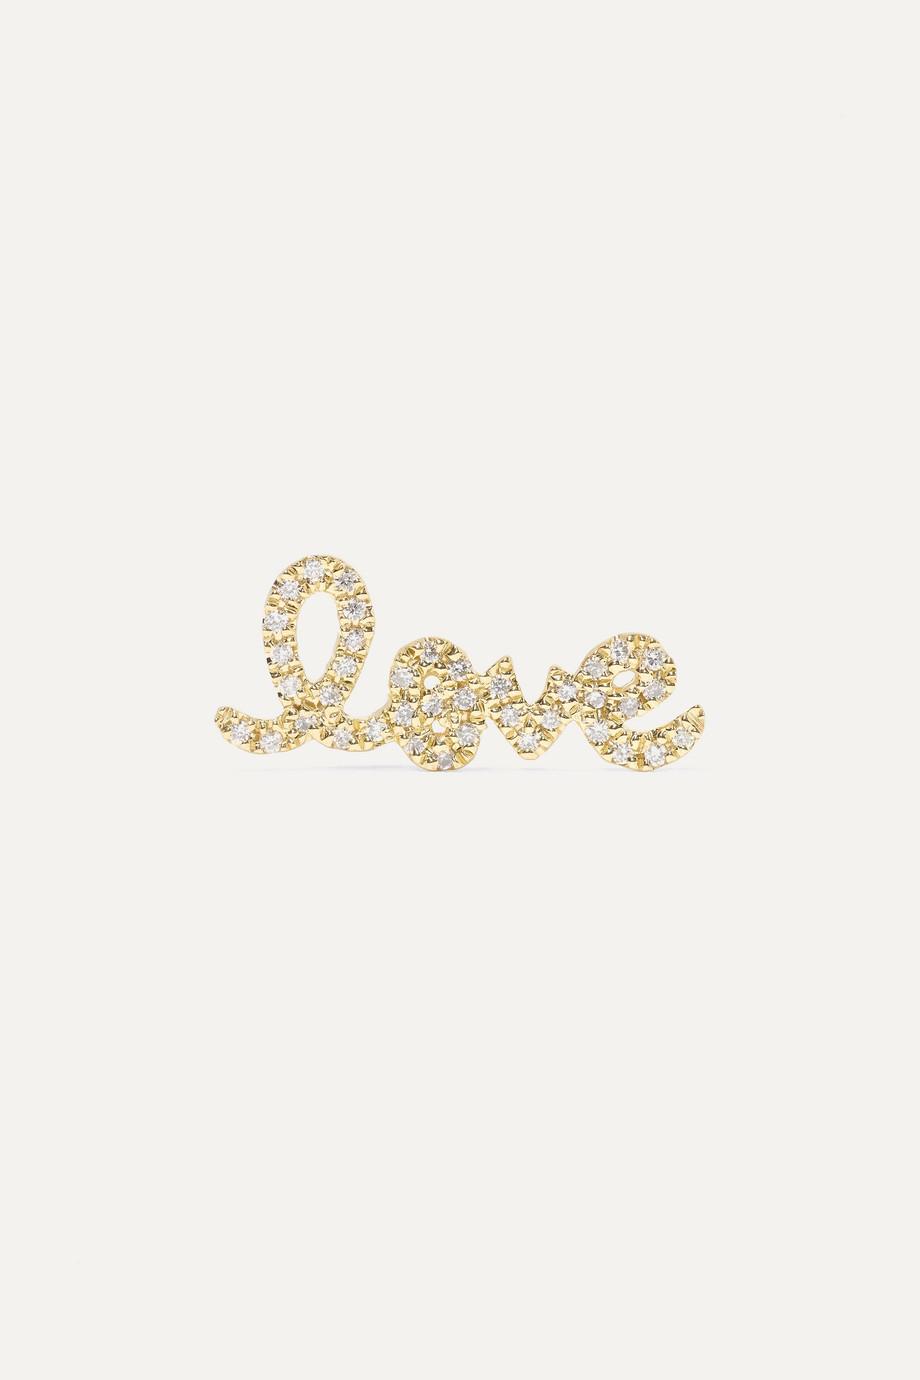 Sydney Evan Love 14K 黄金钻石单只耳钉